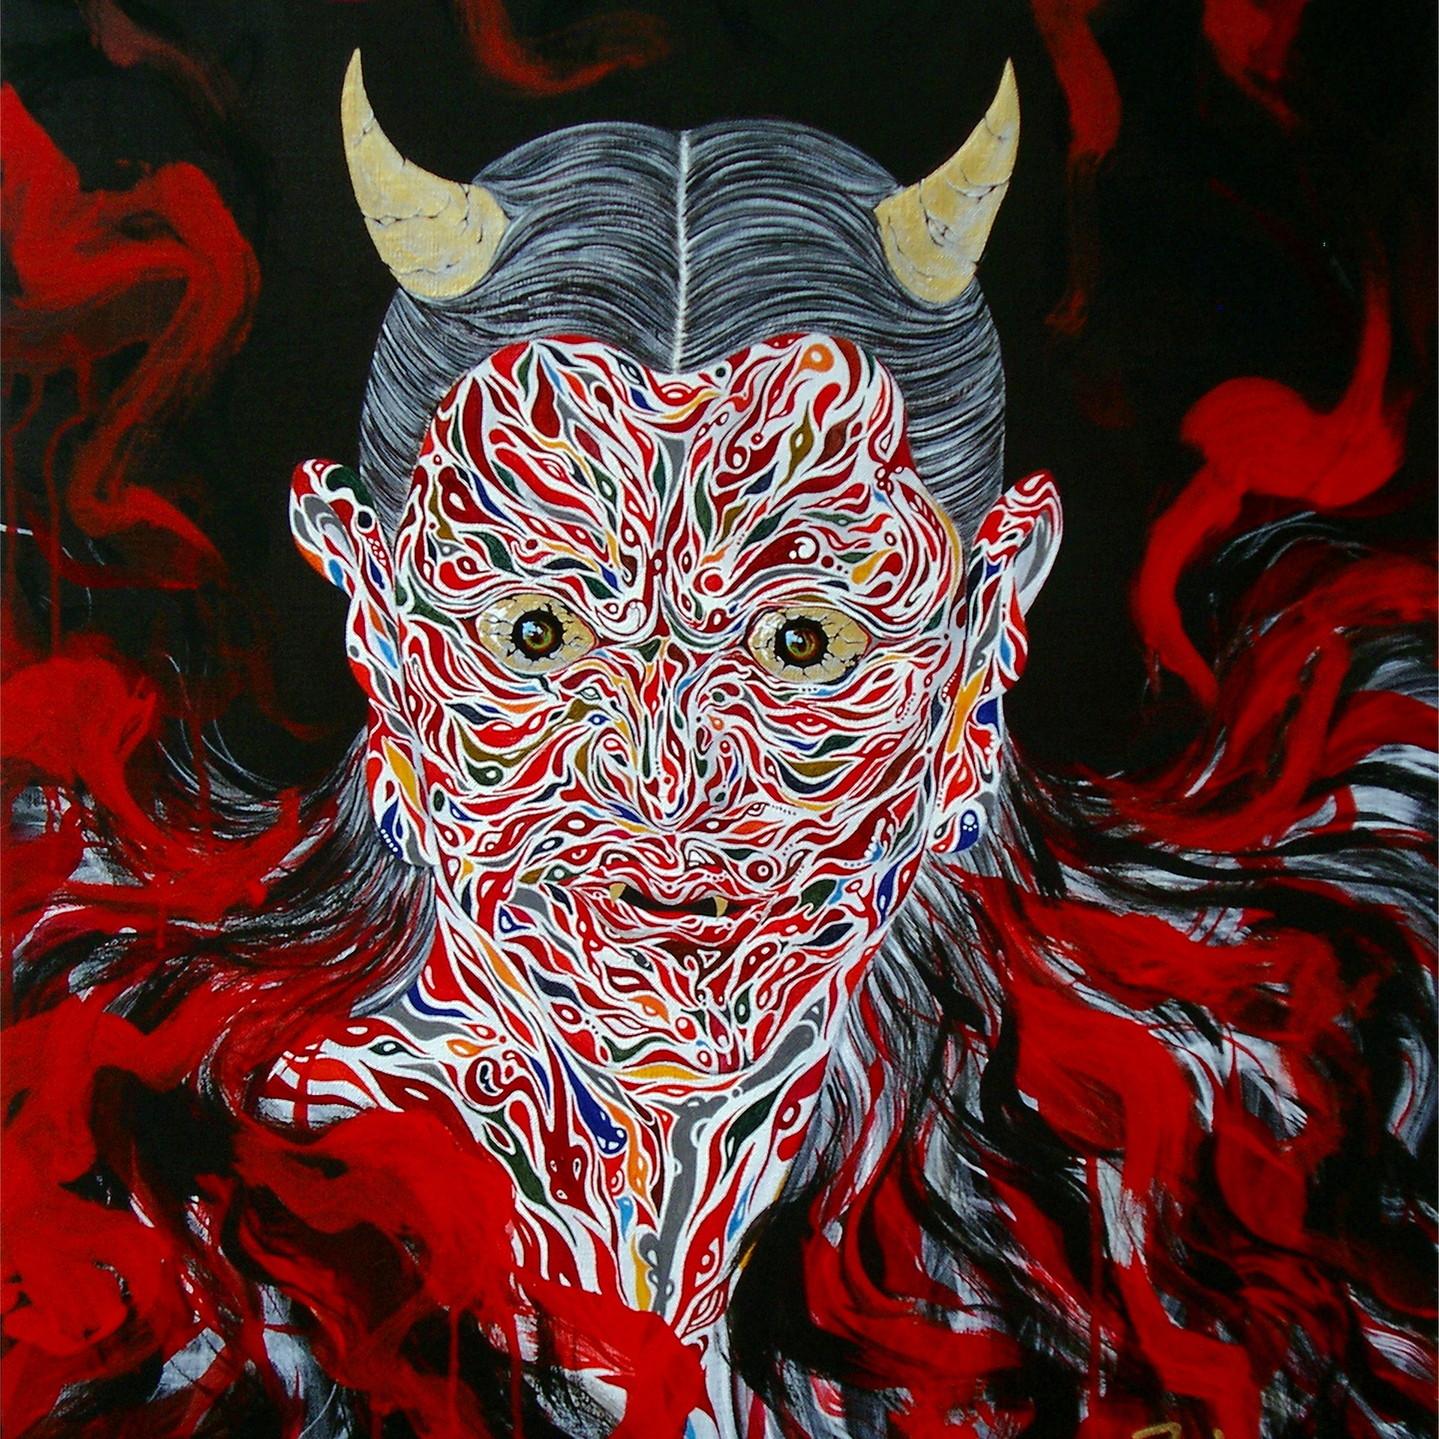 絵画 インテリア アートパネル 雑貨 壁掛け 置物 おしゃれ 和 和風アート 現代アート ロココロ 画家 : nob 作品 : 夜叉